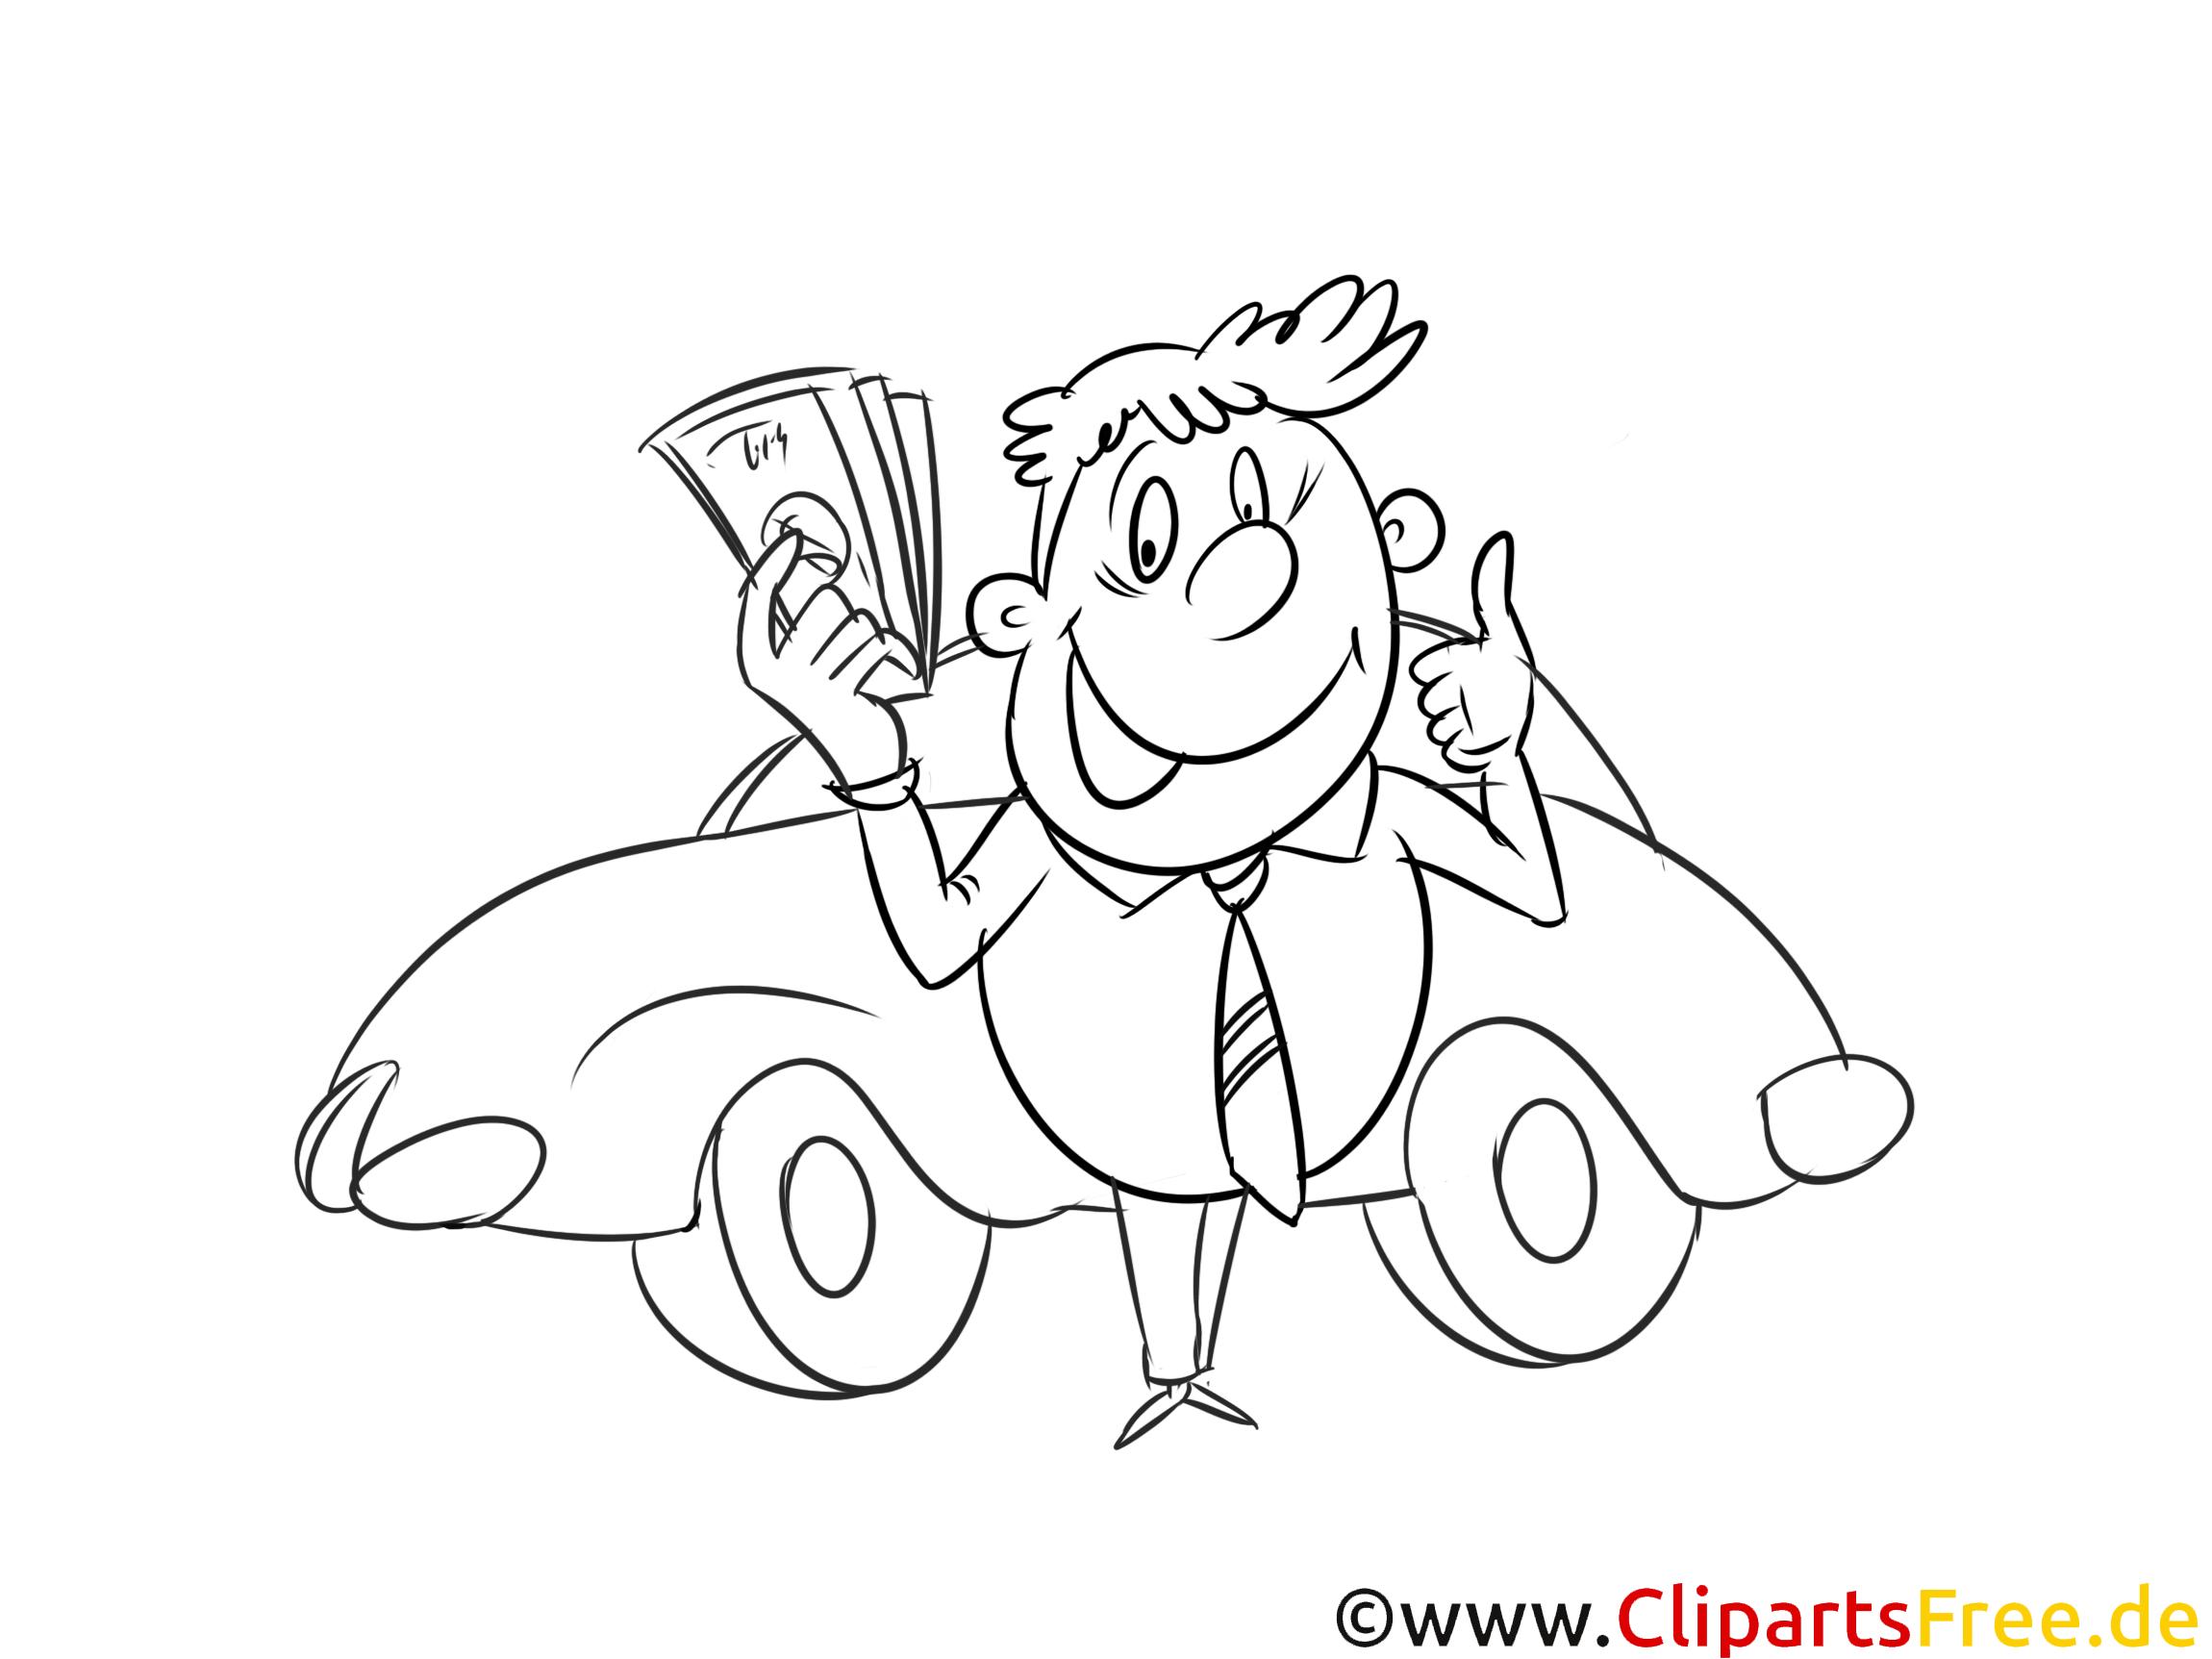 Auto verkaufen Malbild, Bild, Grafik, Illustration